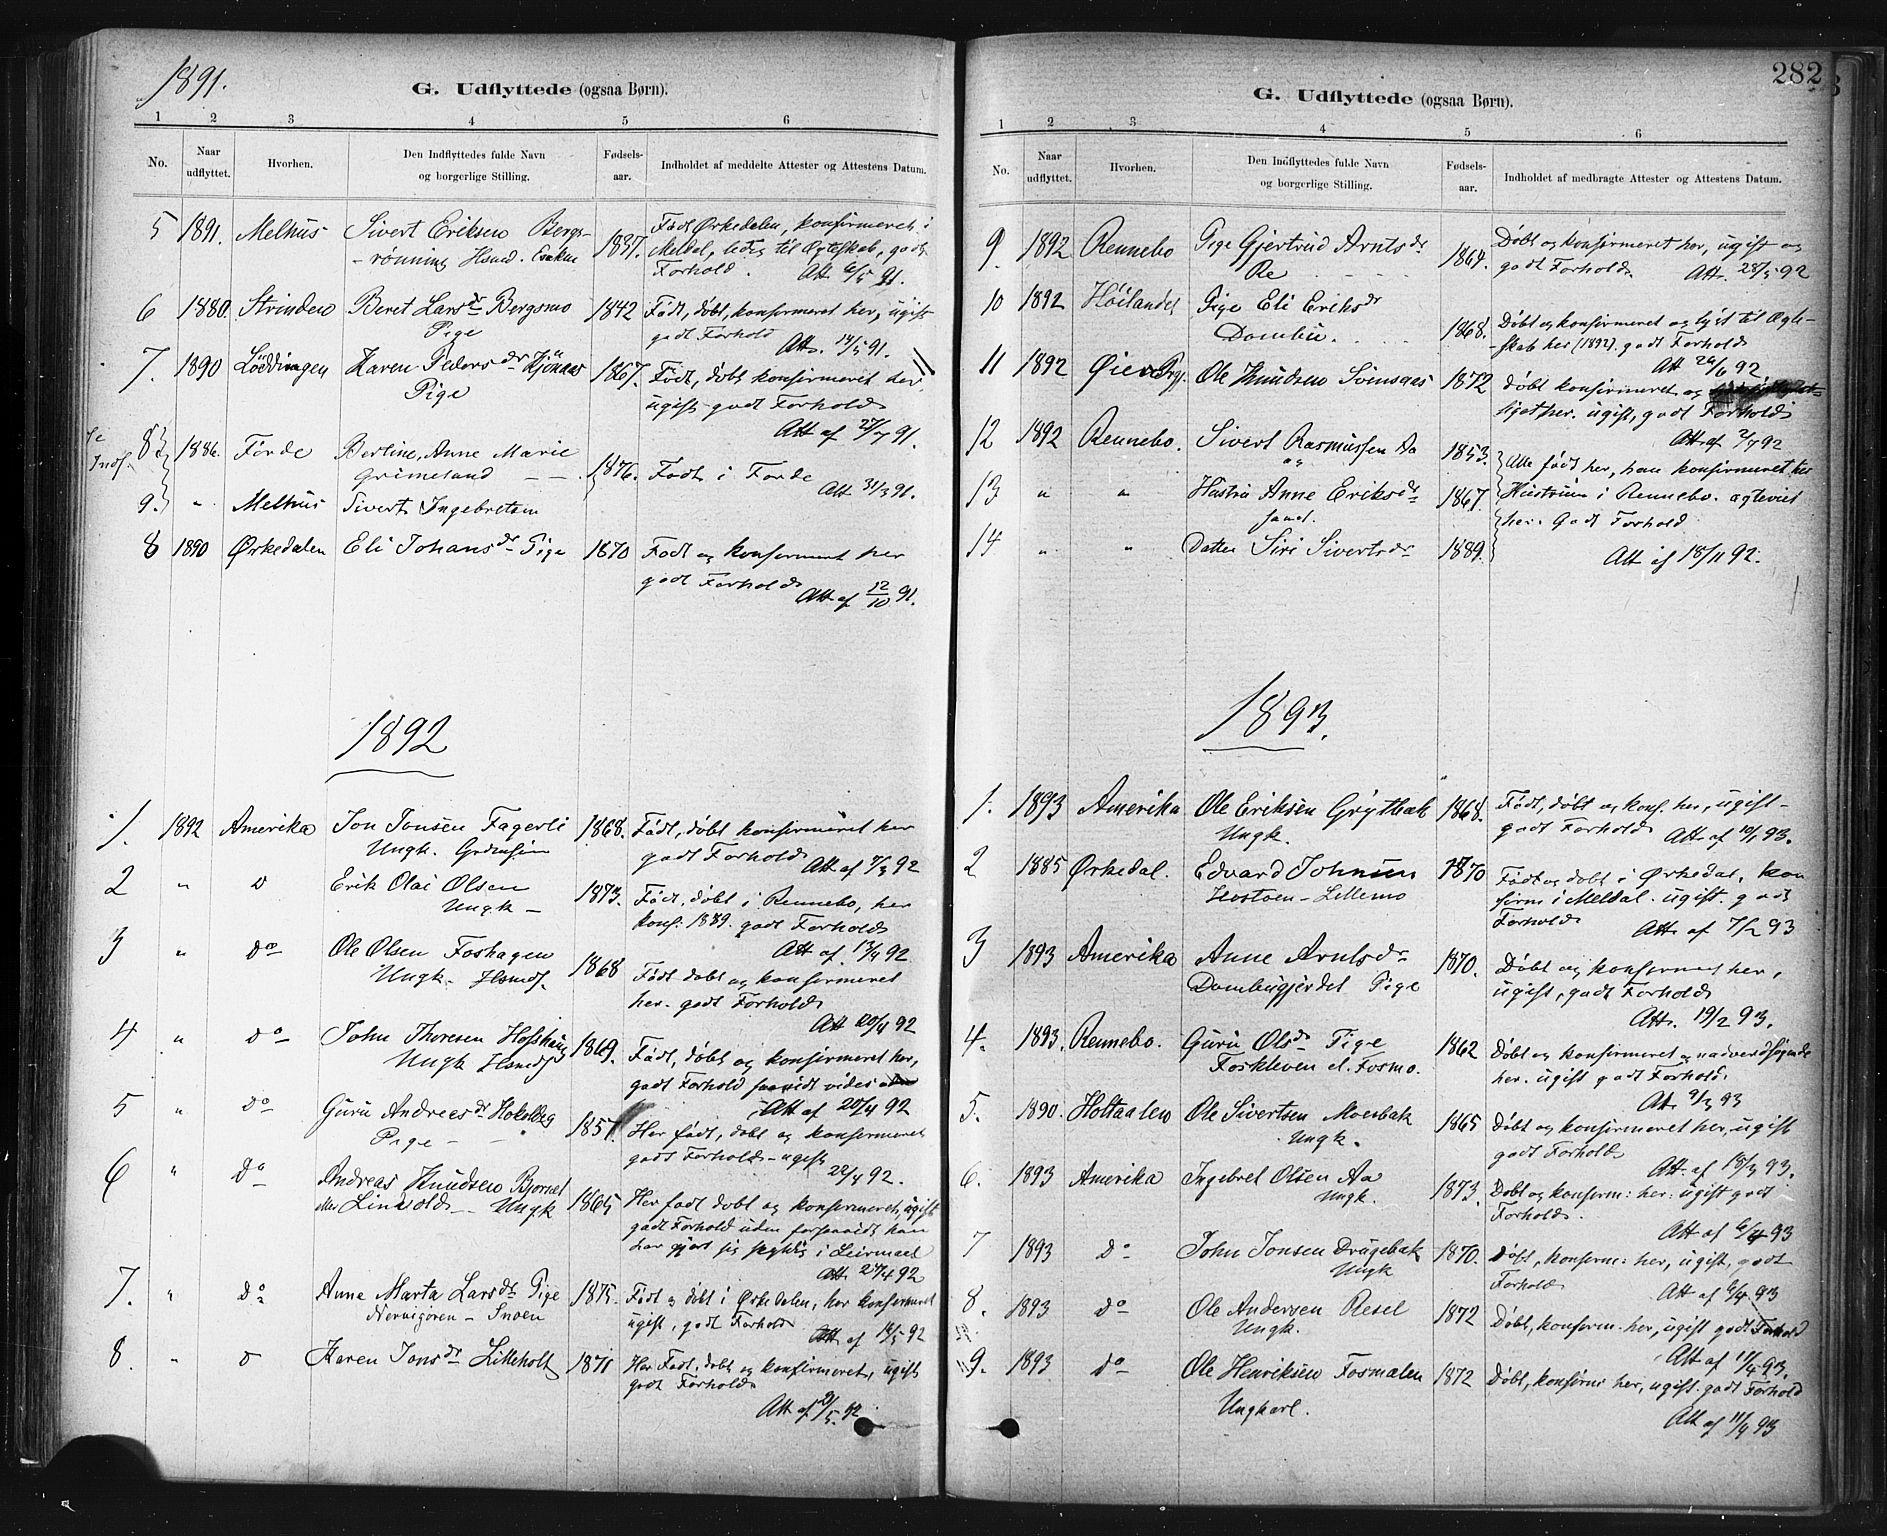 SAT, Ministerialprotokoller, klokkerbøker og fødselsregistre - Sør-Trøndelag, 672/L0857: Ministerialbok nr. 672A09, 1882-1893, s. 282